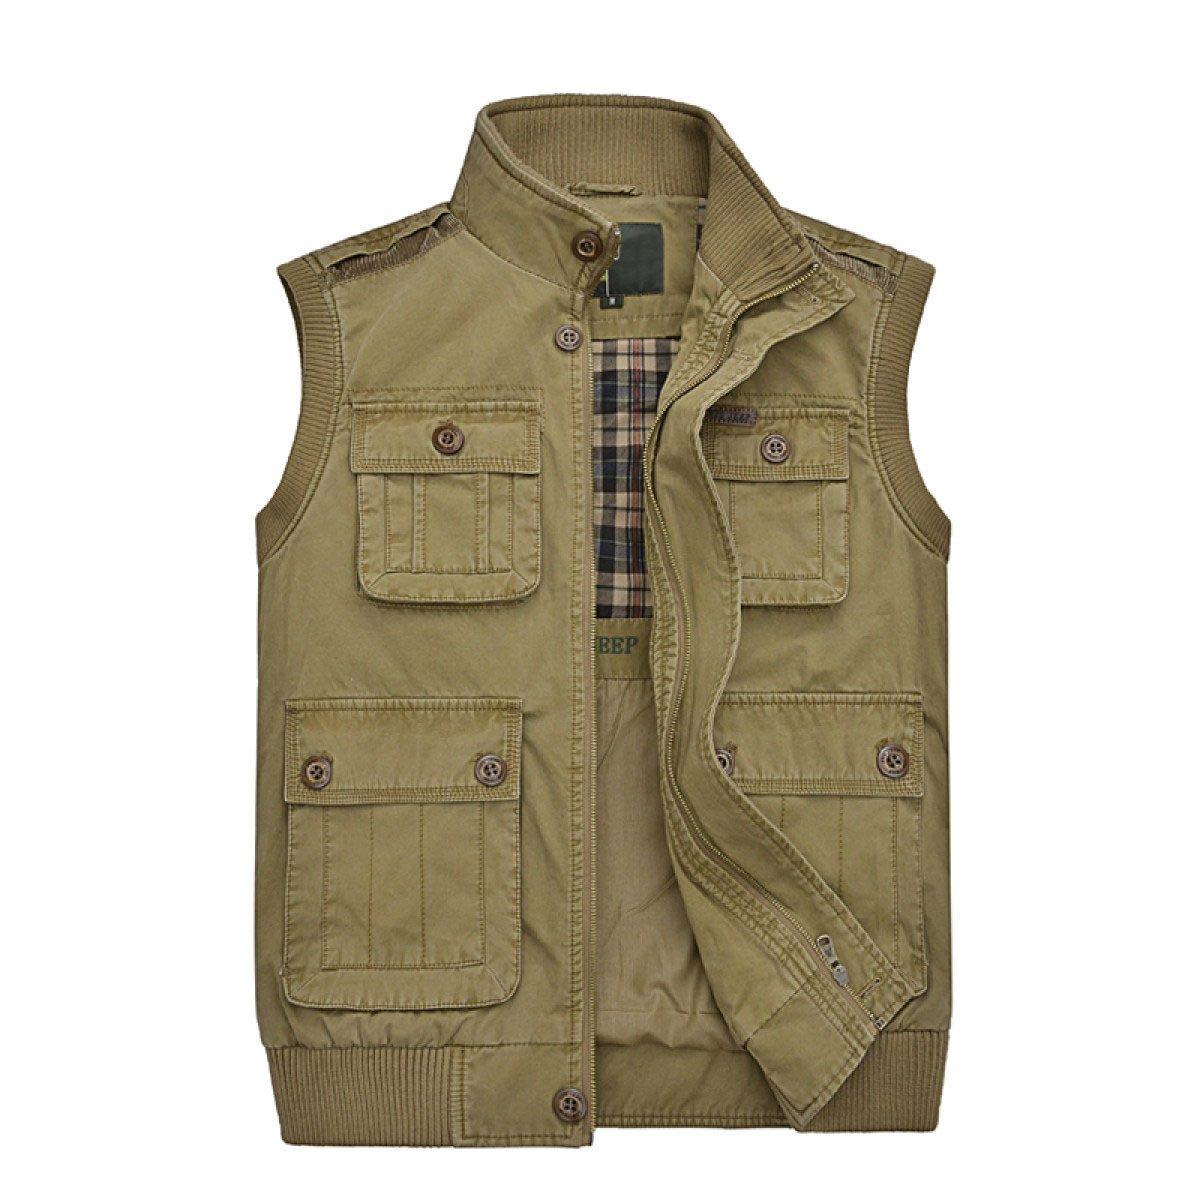 Männer Herbst Und Winter Multi-Tasche Outdoor-Direktor Cotton Weste Gilet